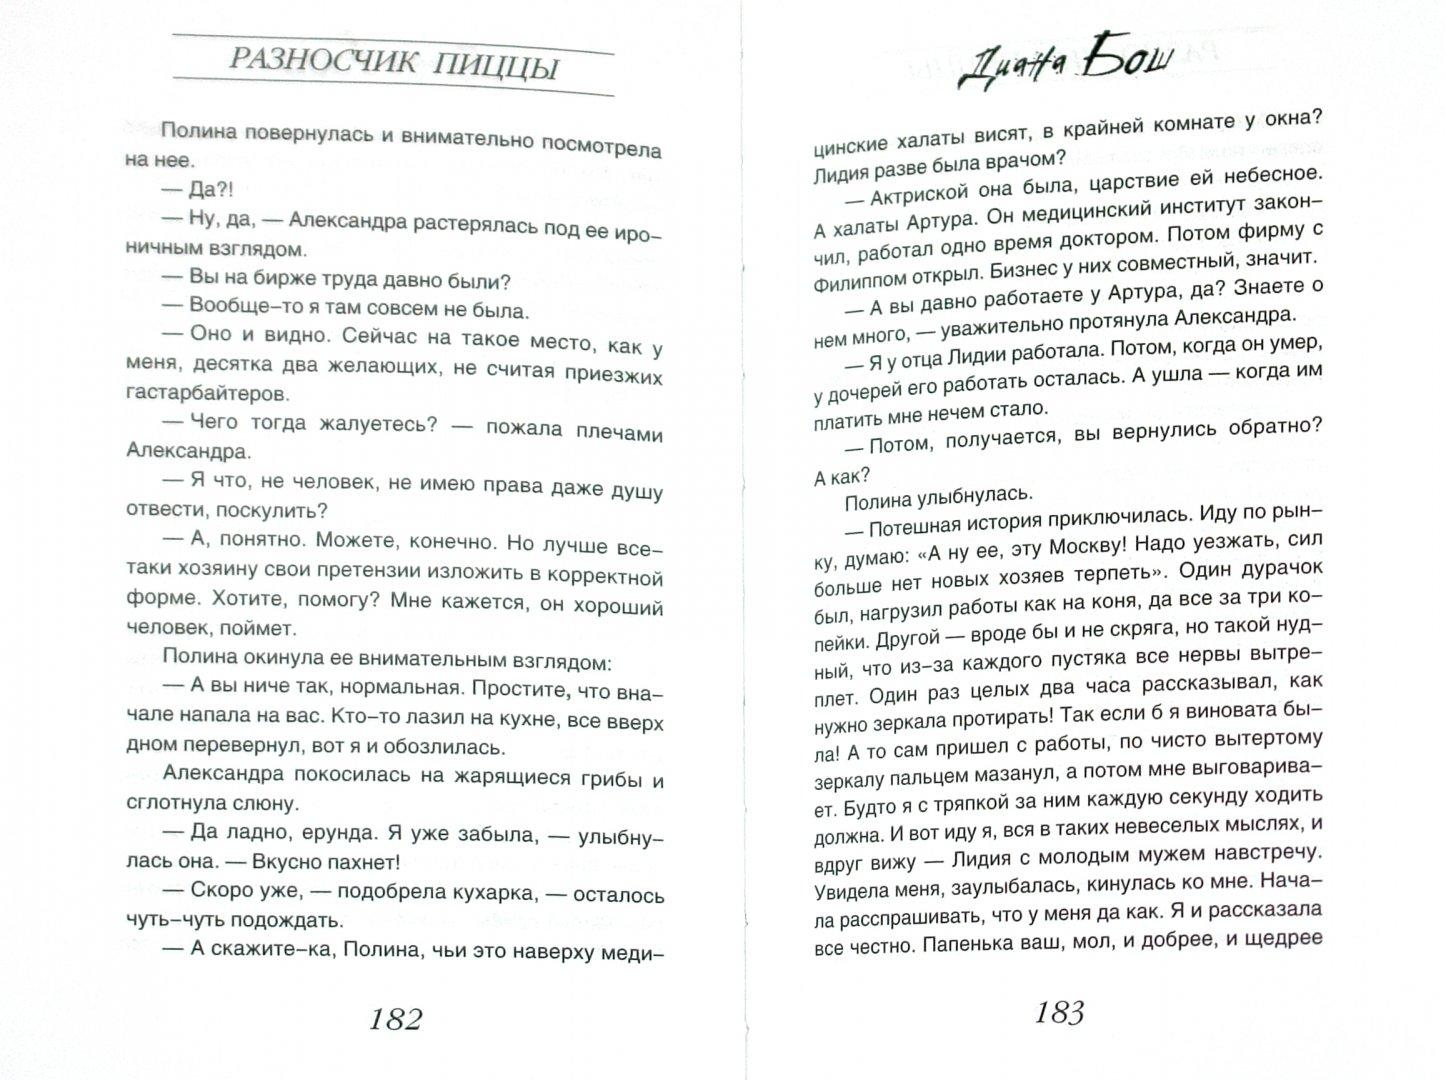 Иллюстрация 1 из 6 для Разносчик пиццы - Диана Бош   Лабиринт - книги. Источник: Лабиринт